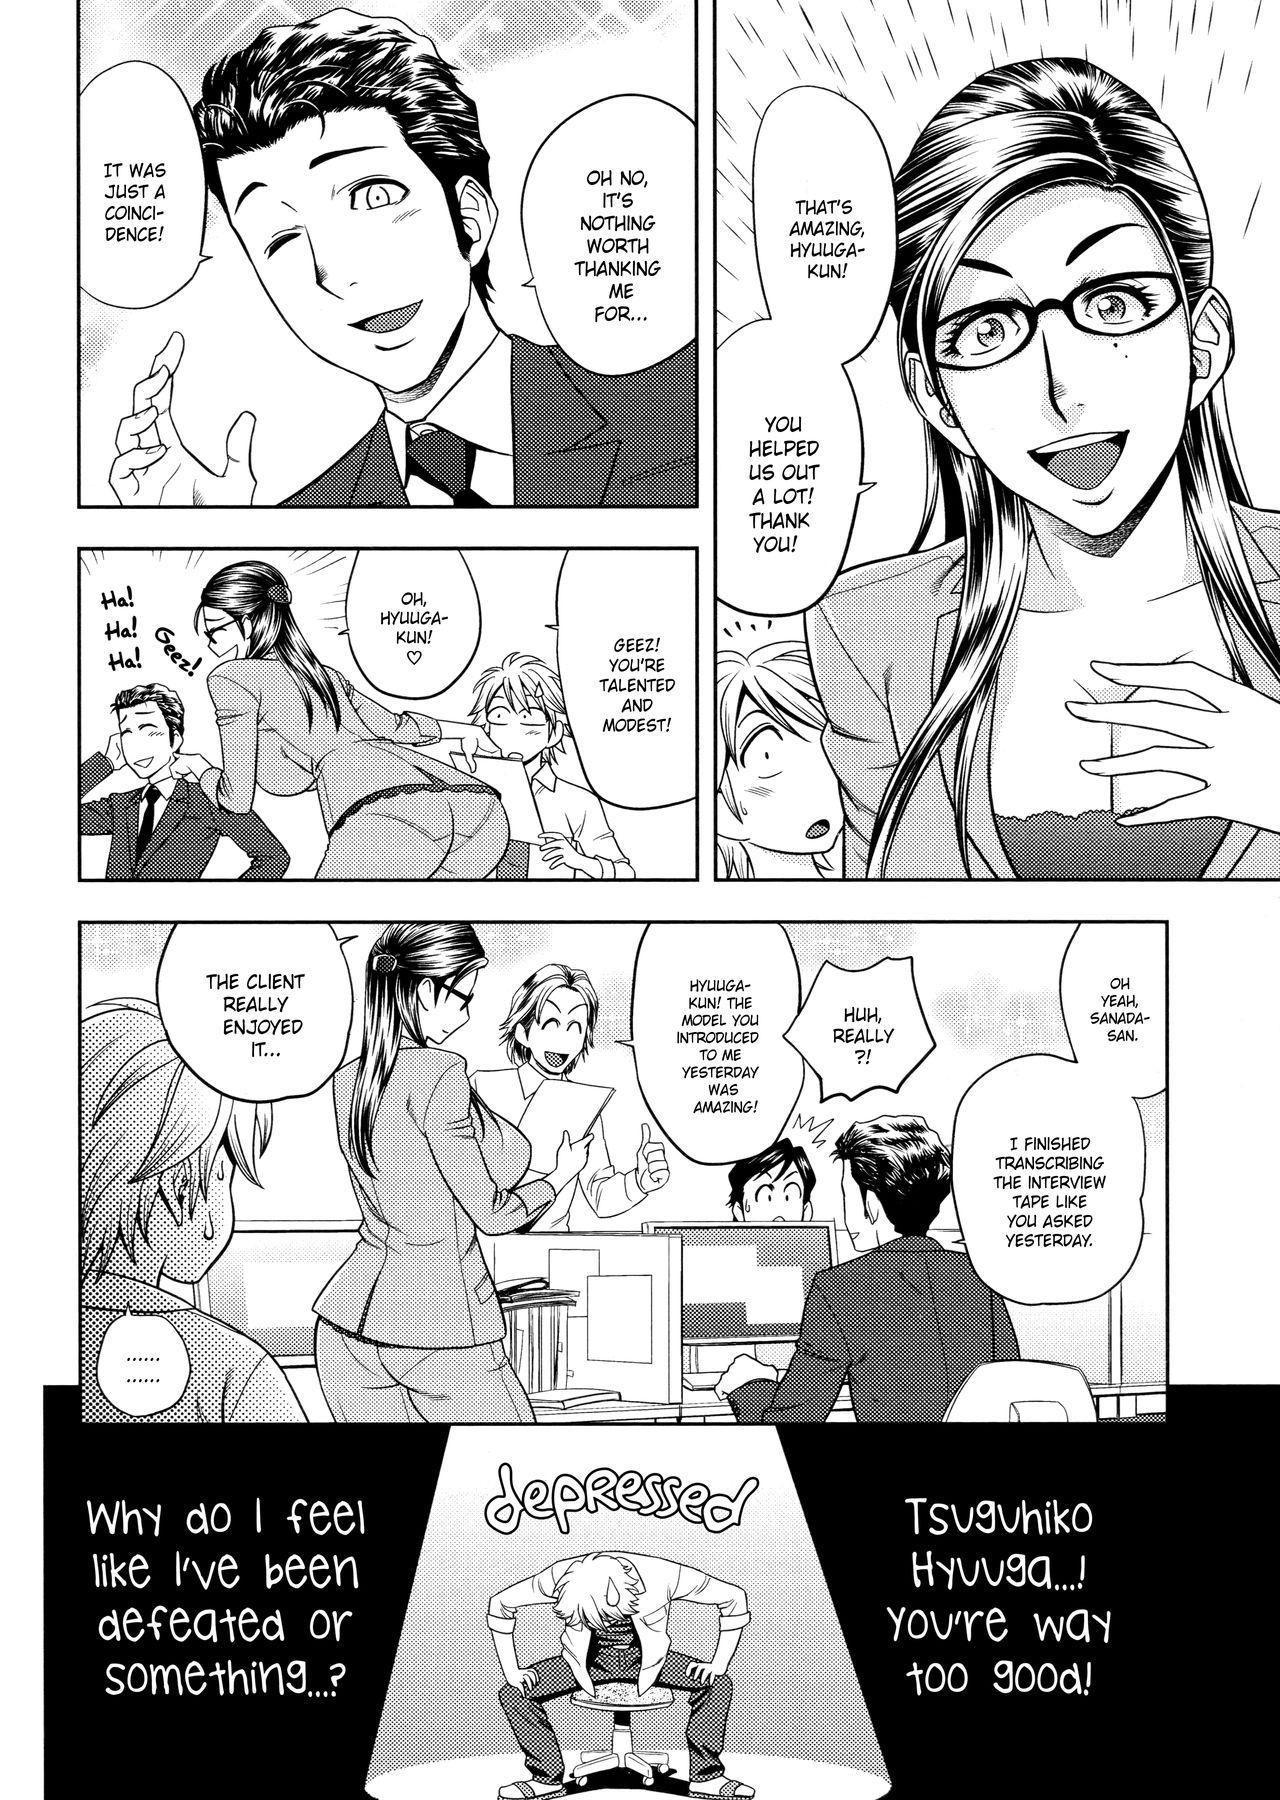 [Tatsunami Youtoku, Yamazaki Masato] Bijin Henshuu-chou no Himitsu | Beautiful Editor-in-Chief's Secret Ch. 1-4 [English] [Forbiddenfetish77, Red Vodka] [Decensored] 71